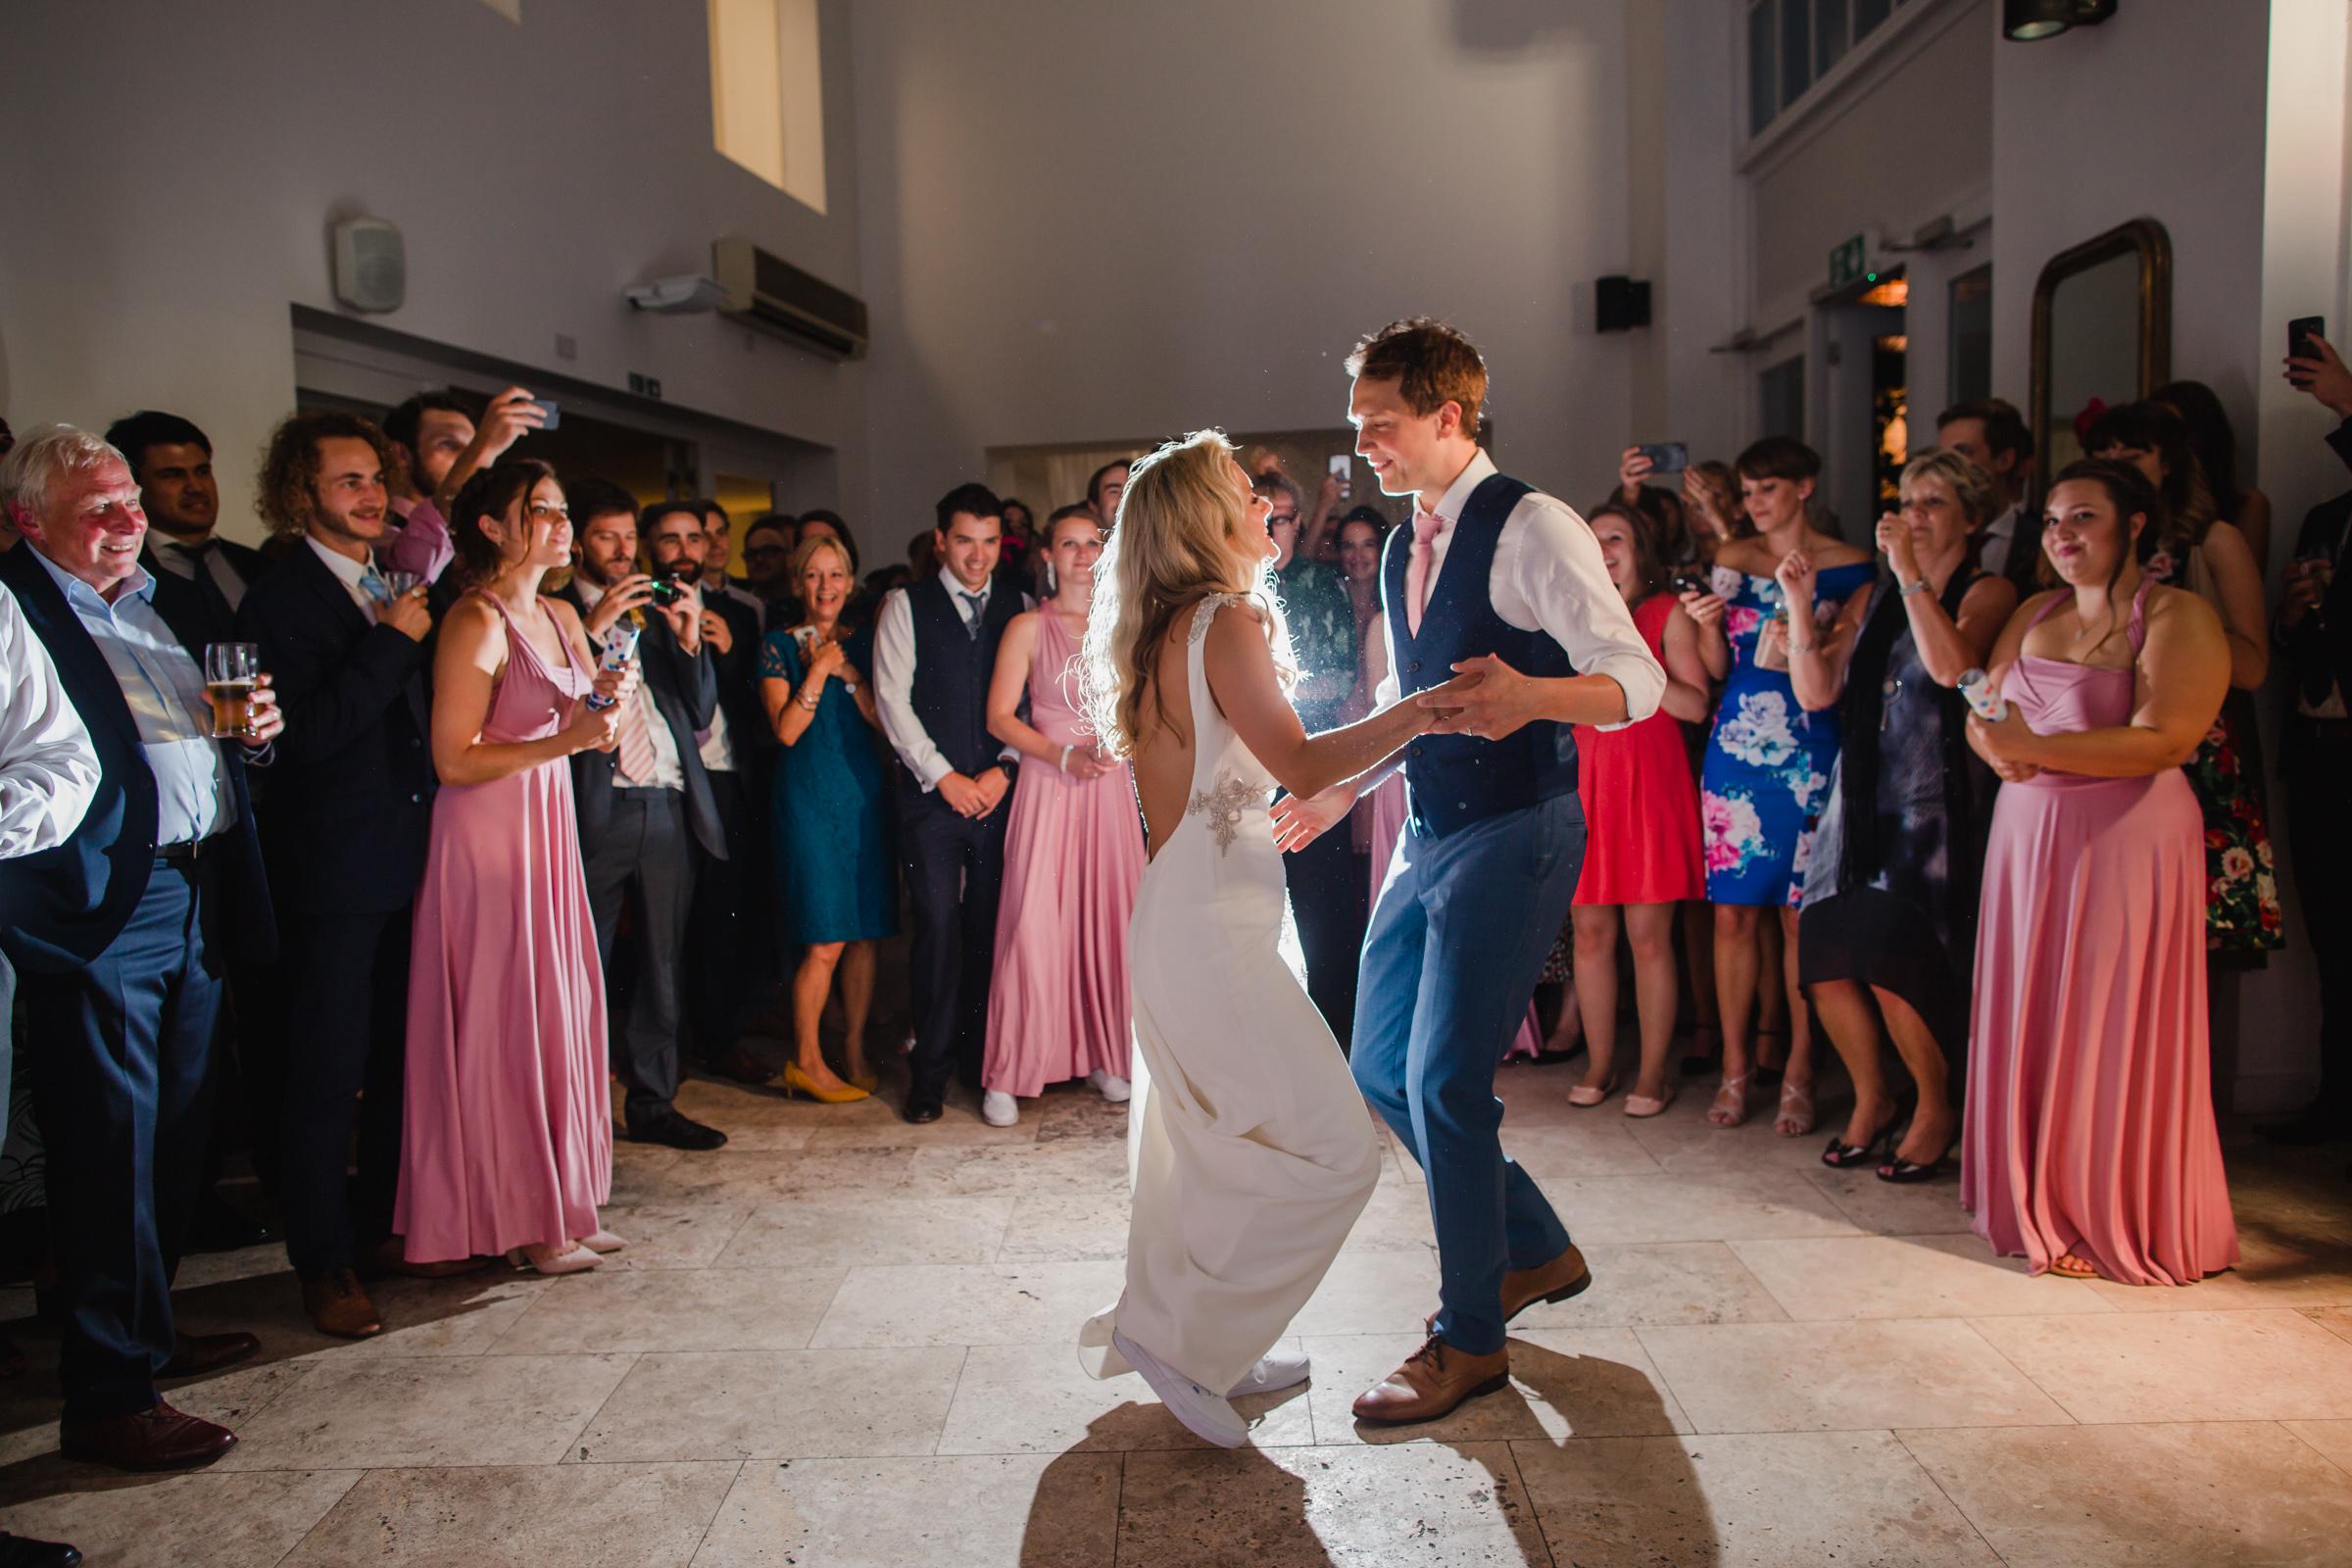 a bride and grooms first dance at a wedding in fazeley studios digbeth birmimgham